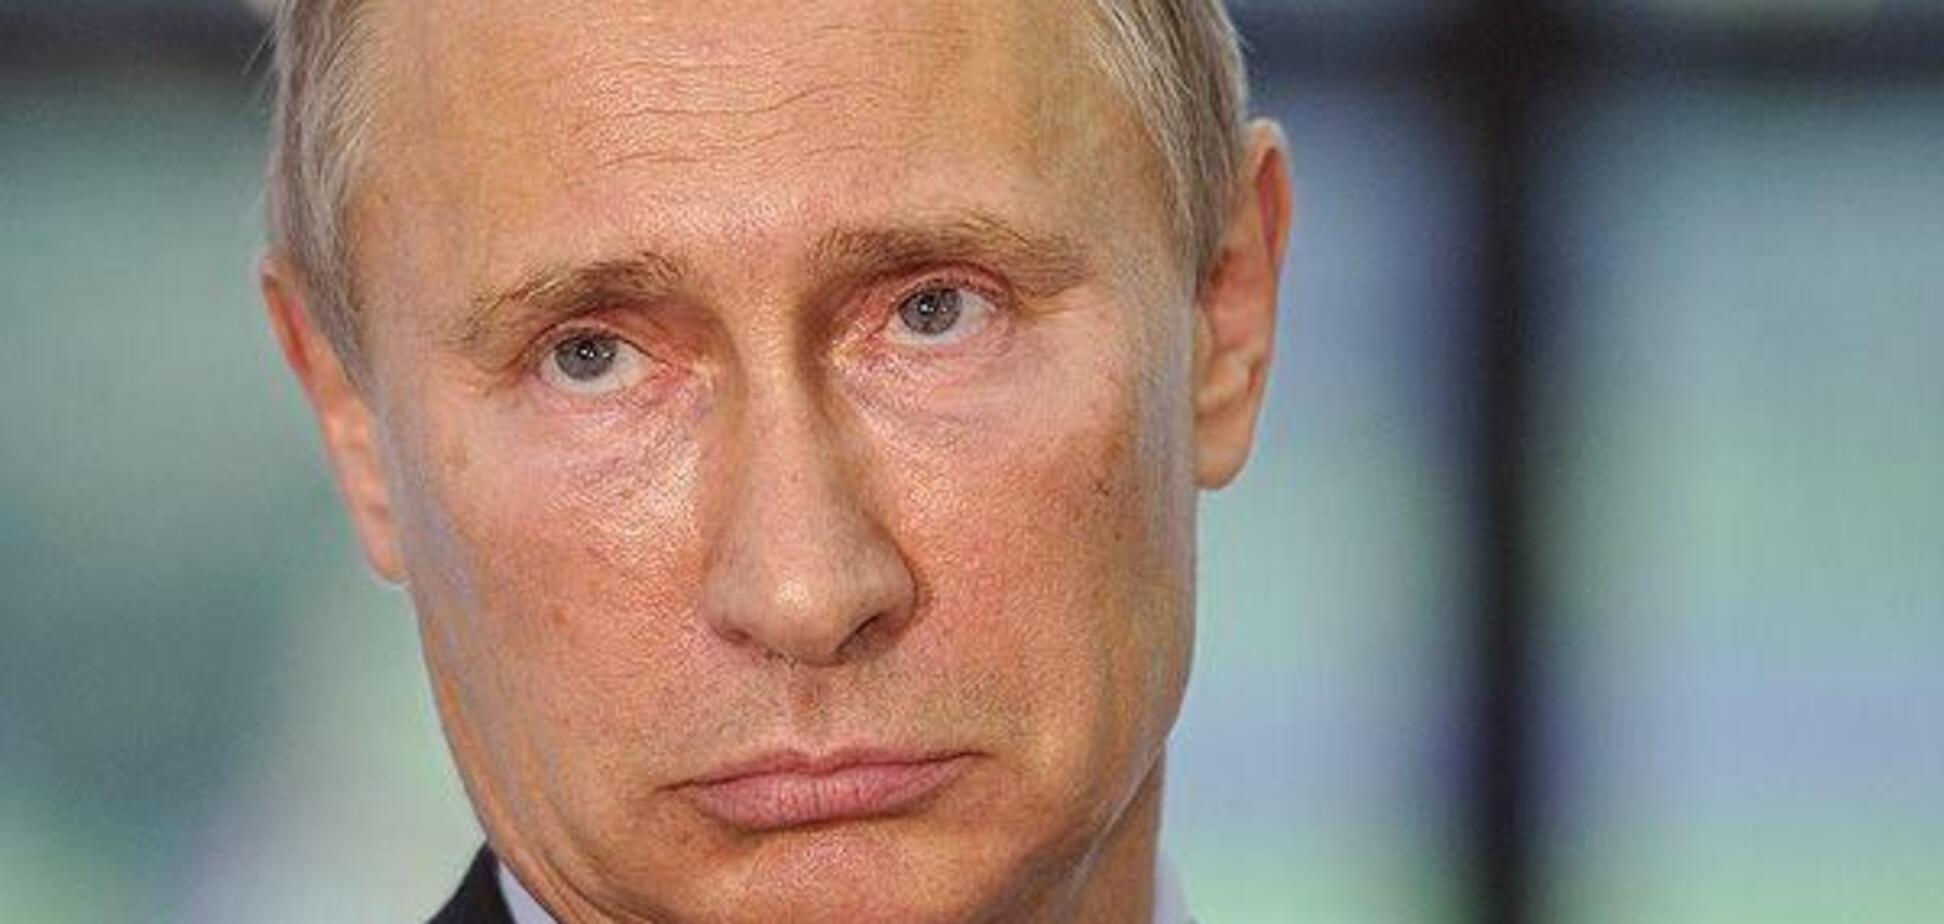 Навіть не х*ло: український нардеп придумав яскраву кличку для Путіна